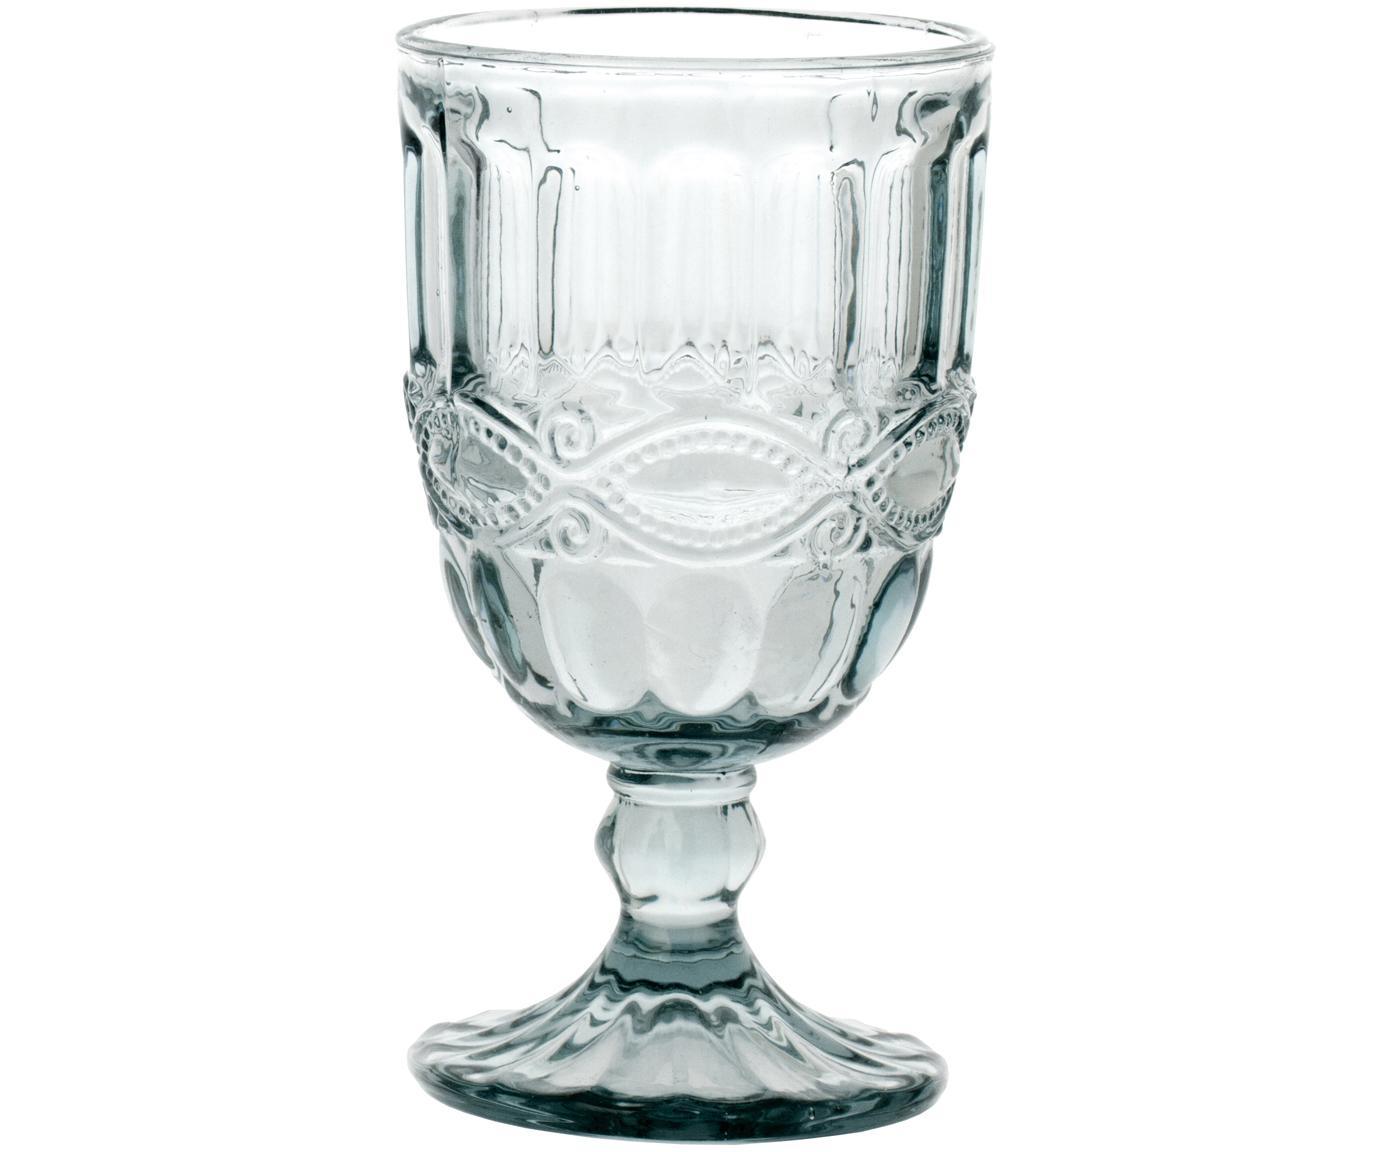 Weingläser Solange mit dekorativem Reliefmuster, 6er-Set, Glas, Transparent, 350 ml